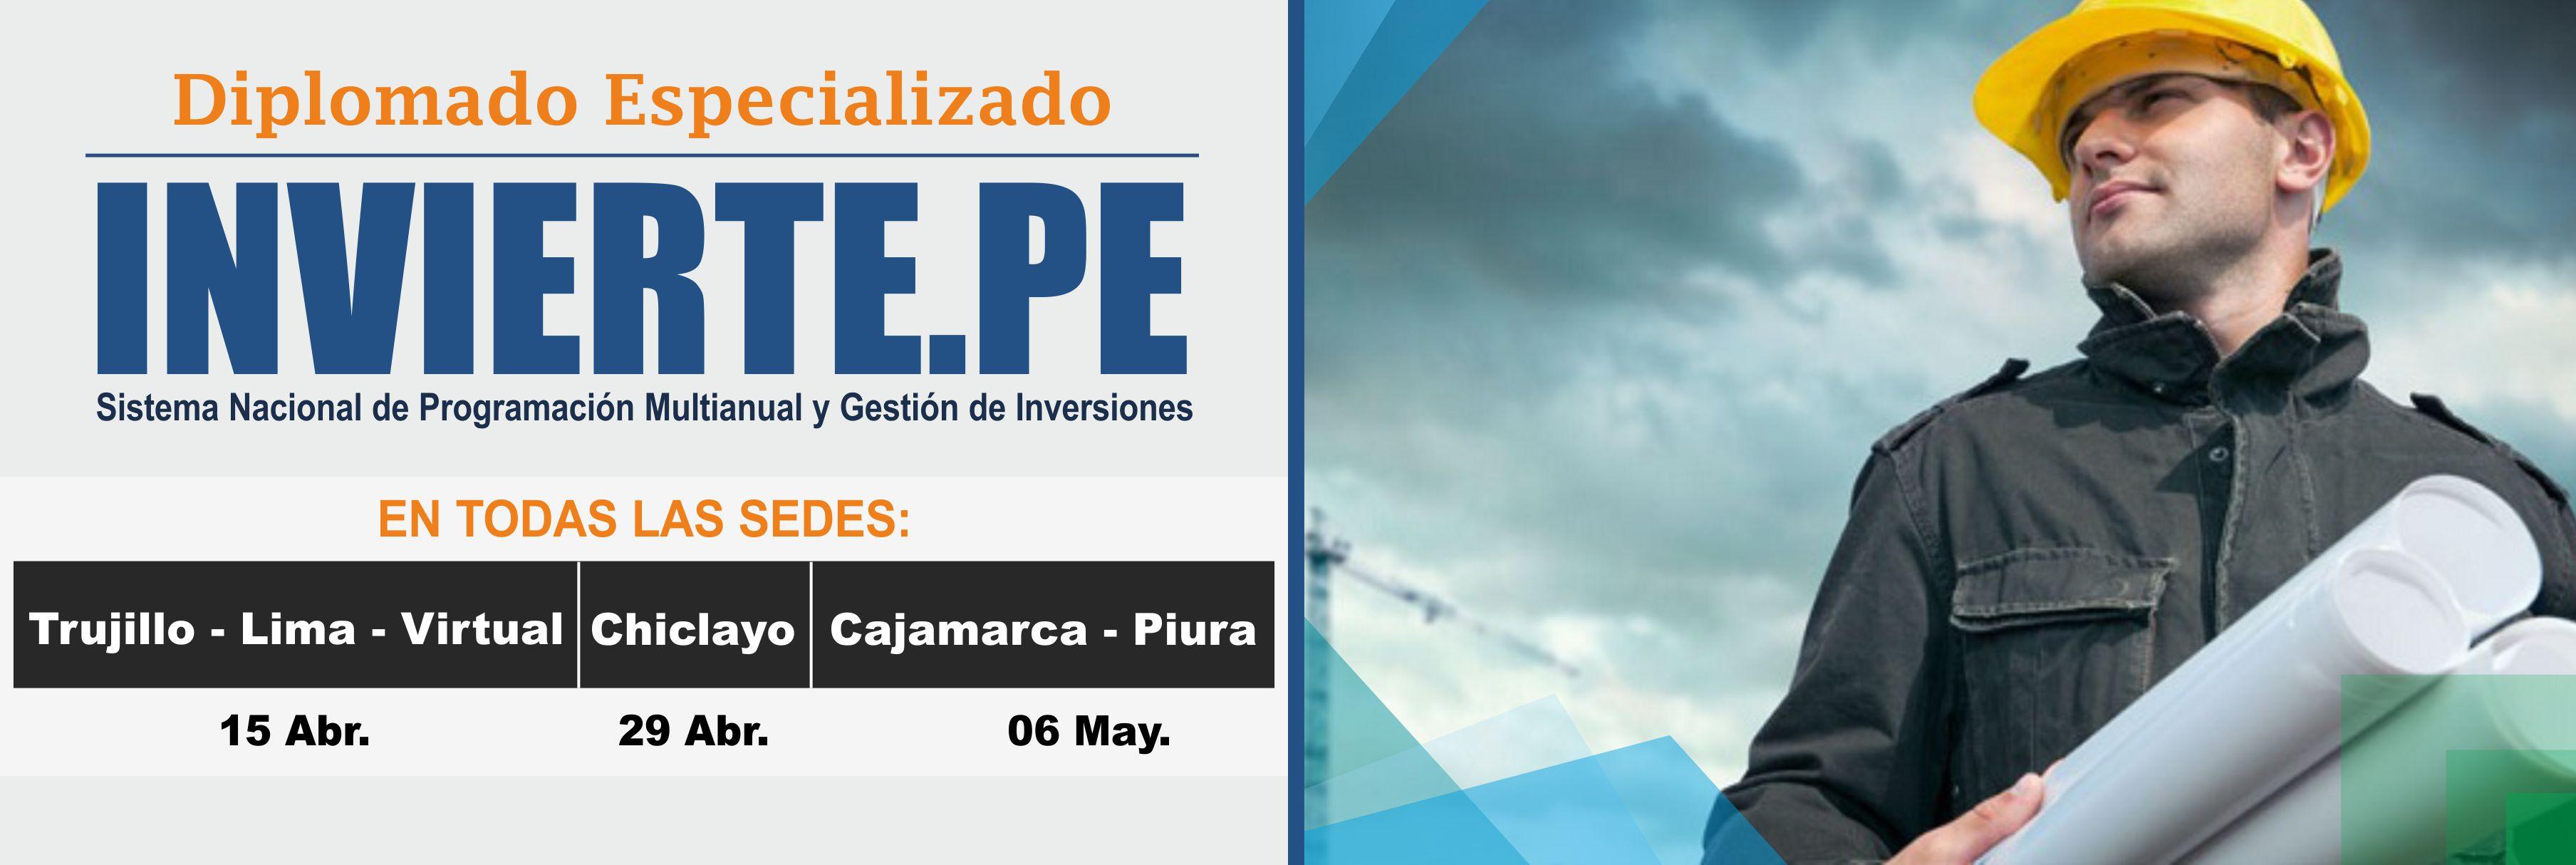 Diplomado Especializado INVIERTE.PE